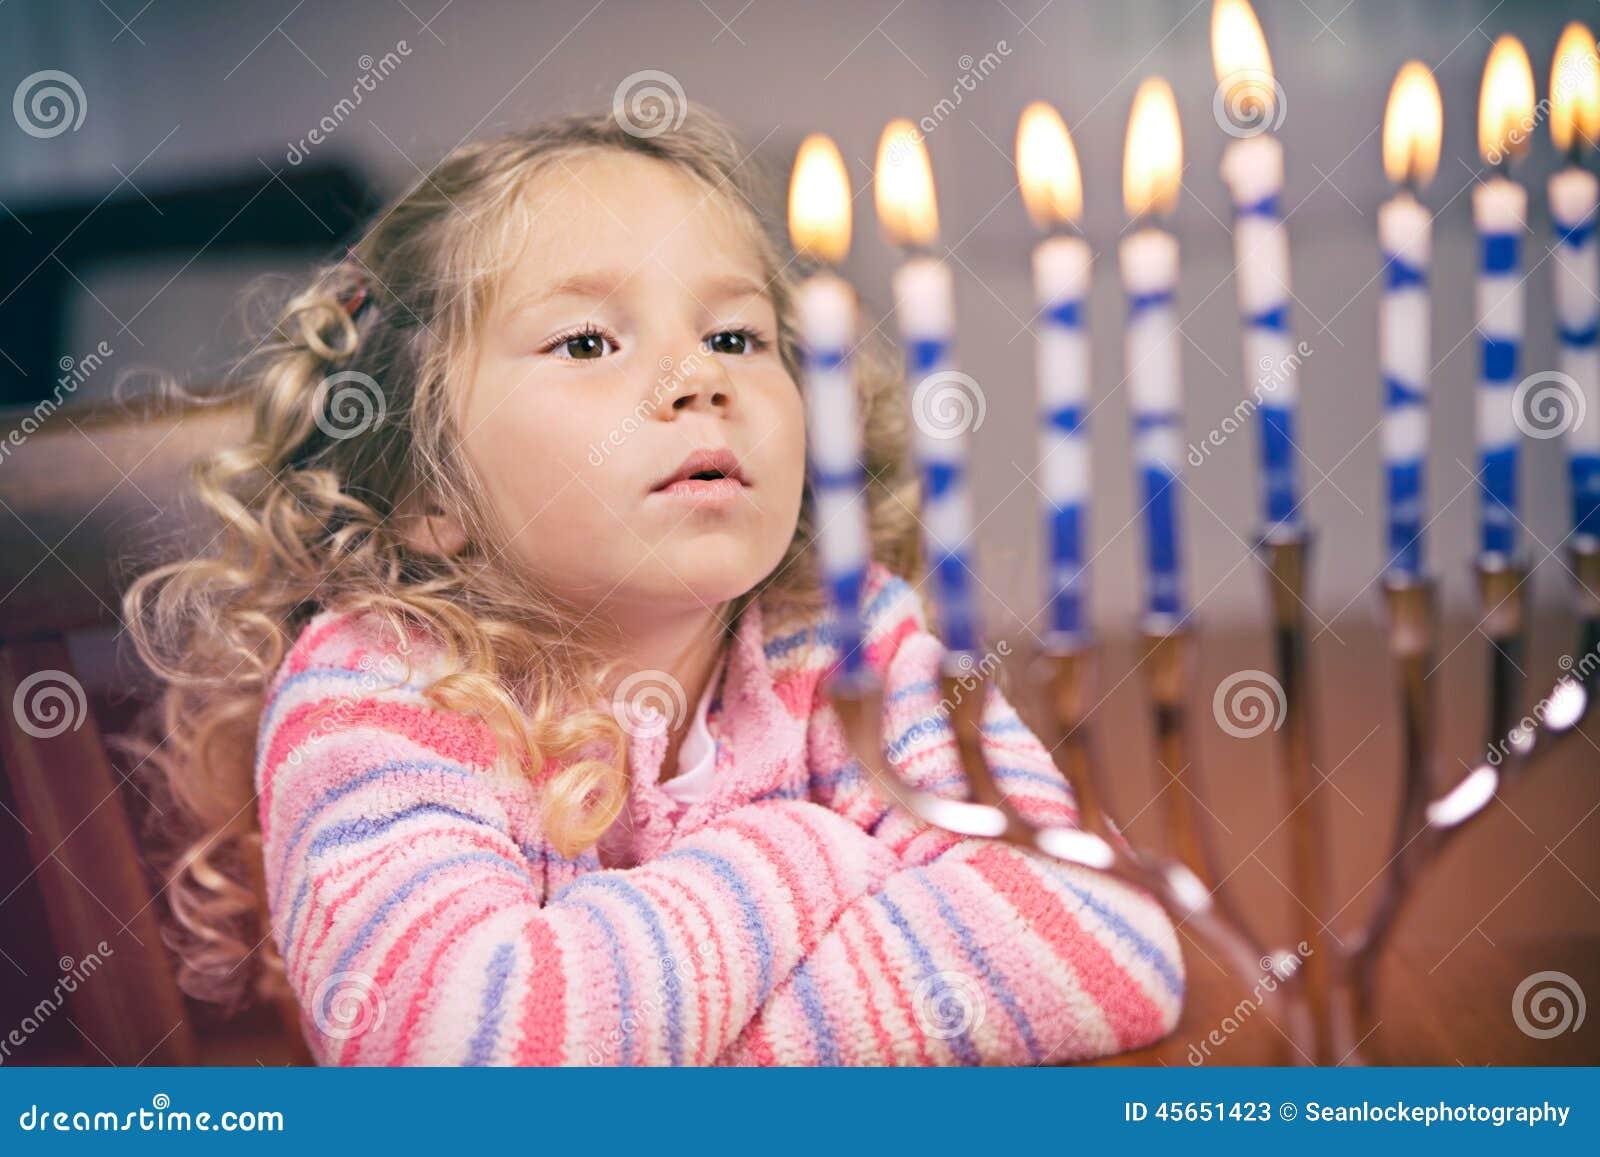 Ханука: Маленькая девочка смотрит свечи Хануки Lit